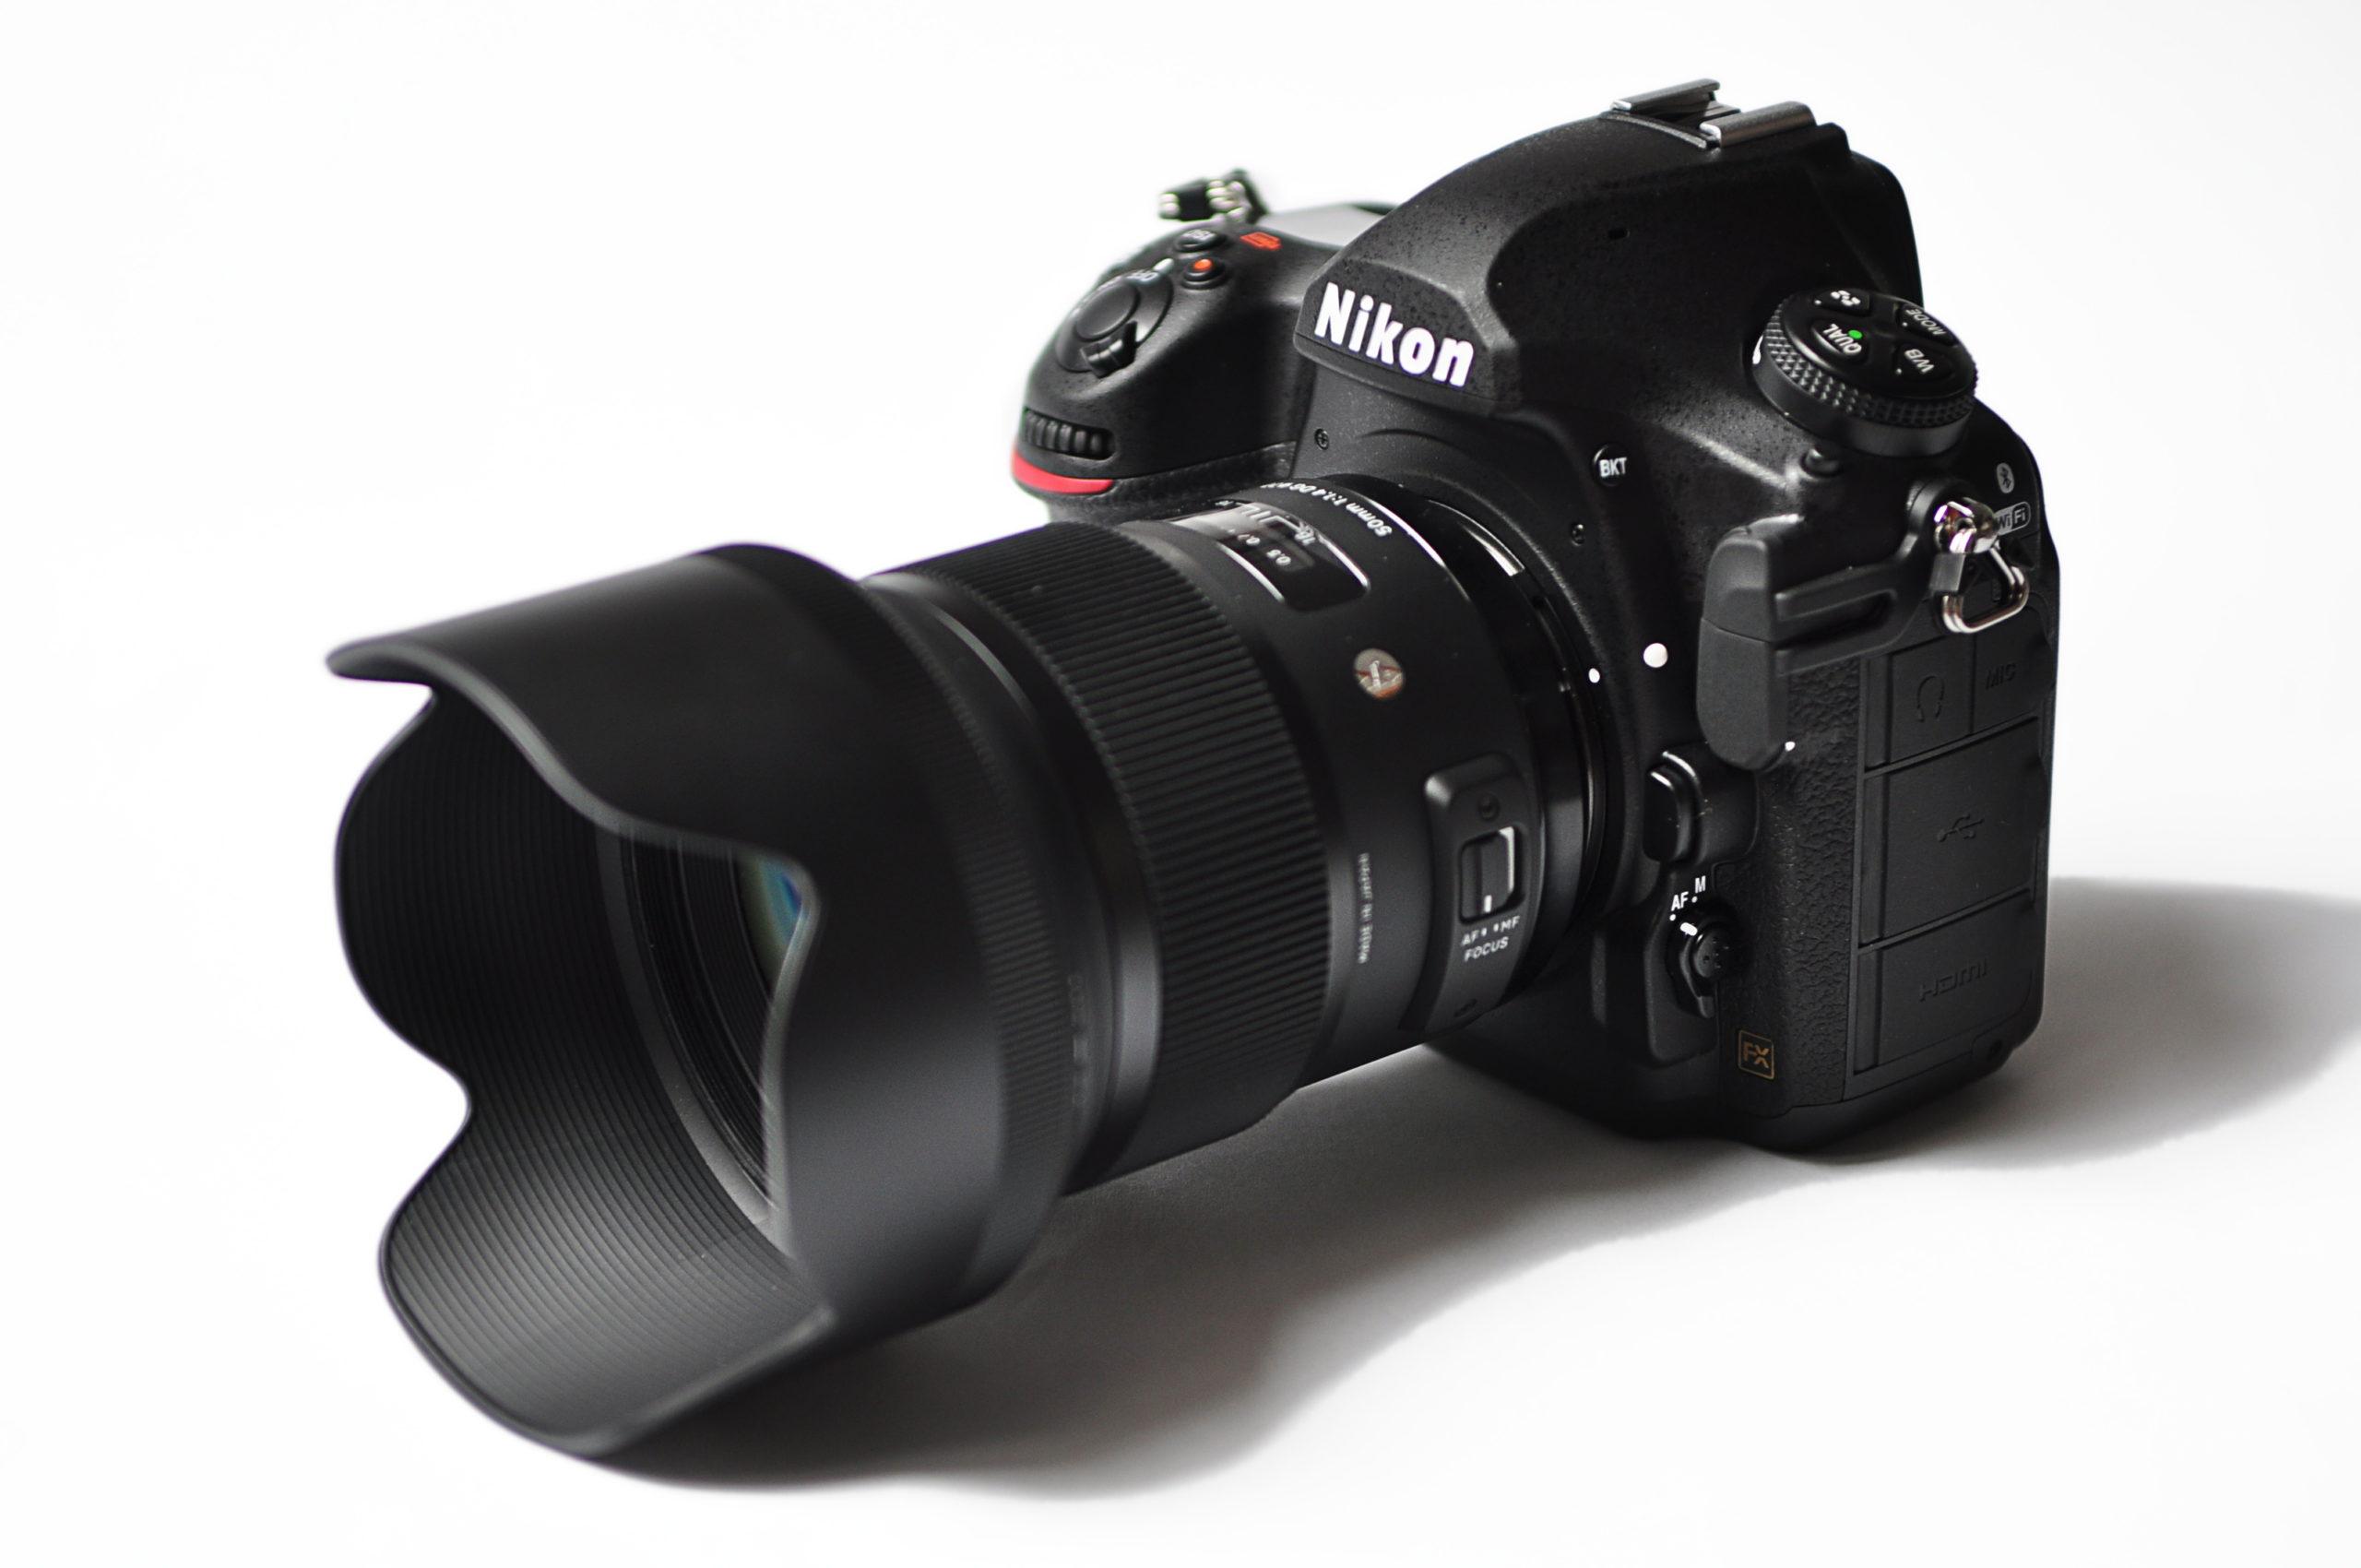 Welches ist die beste Kamera für mich?